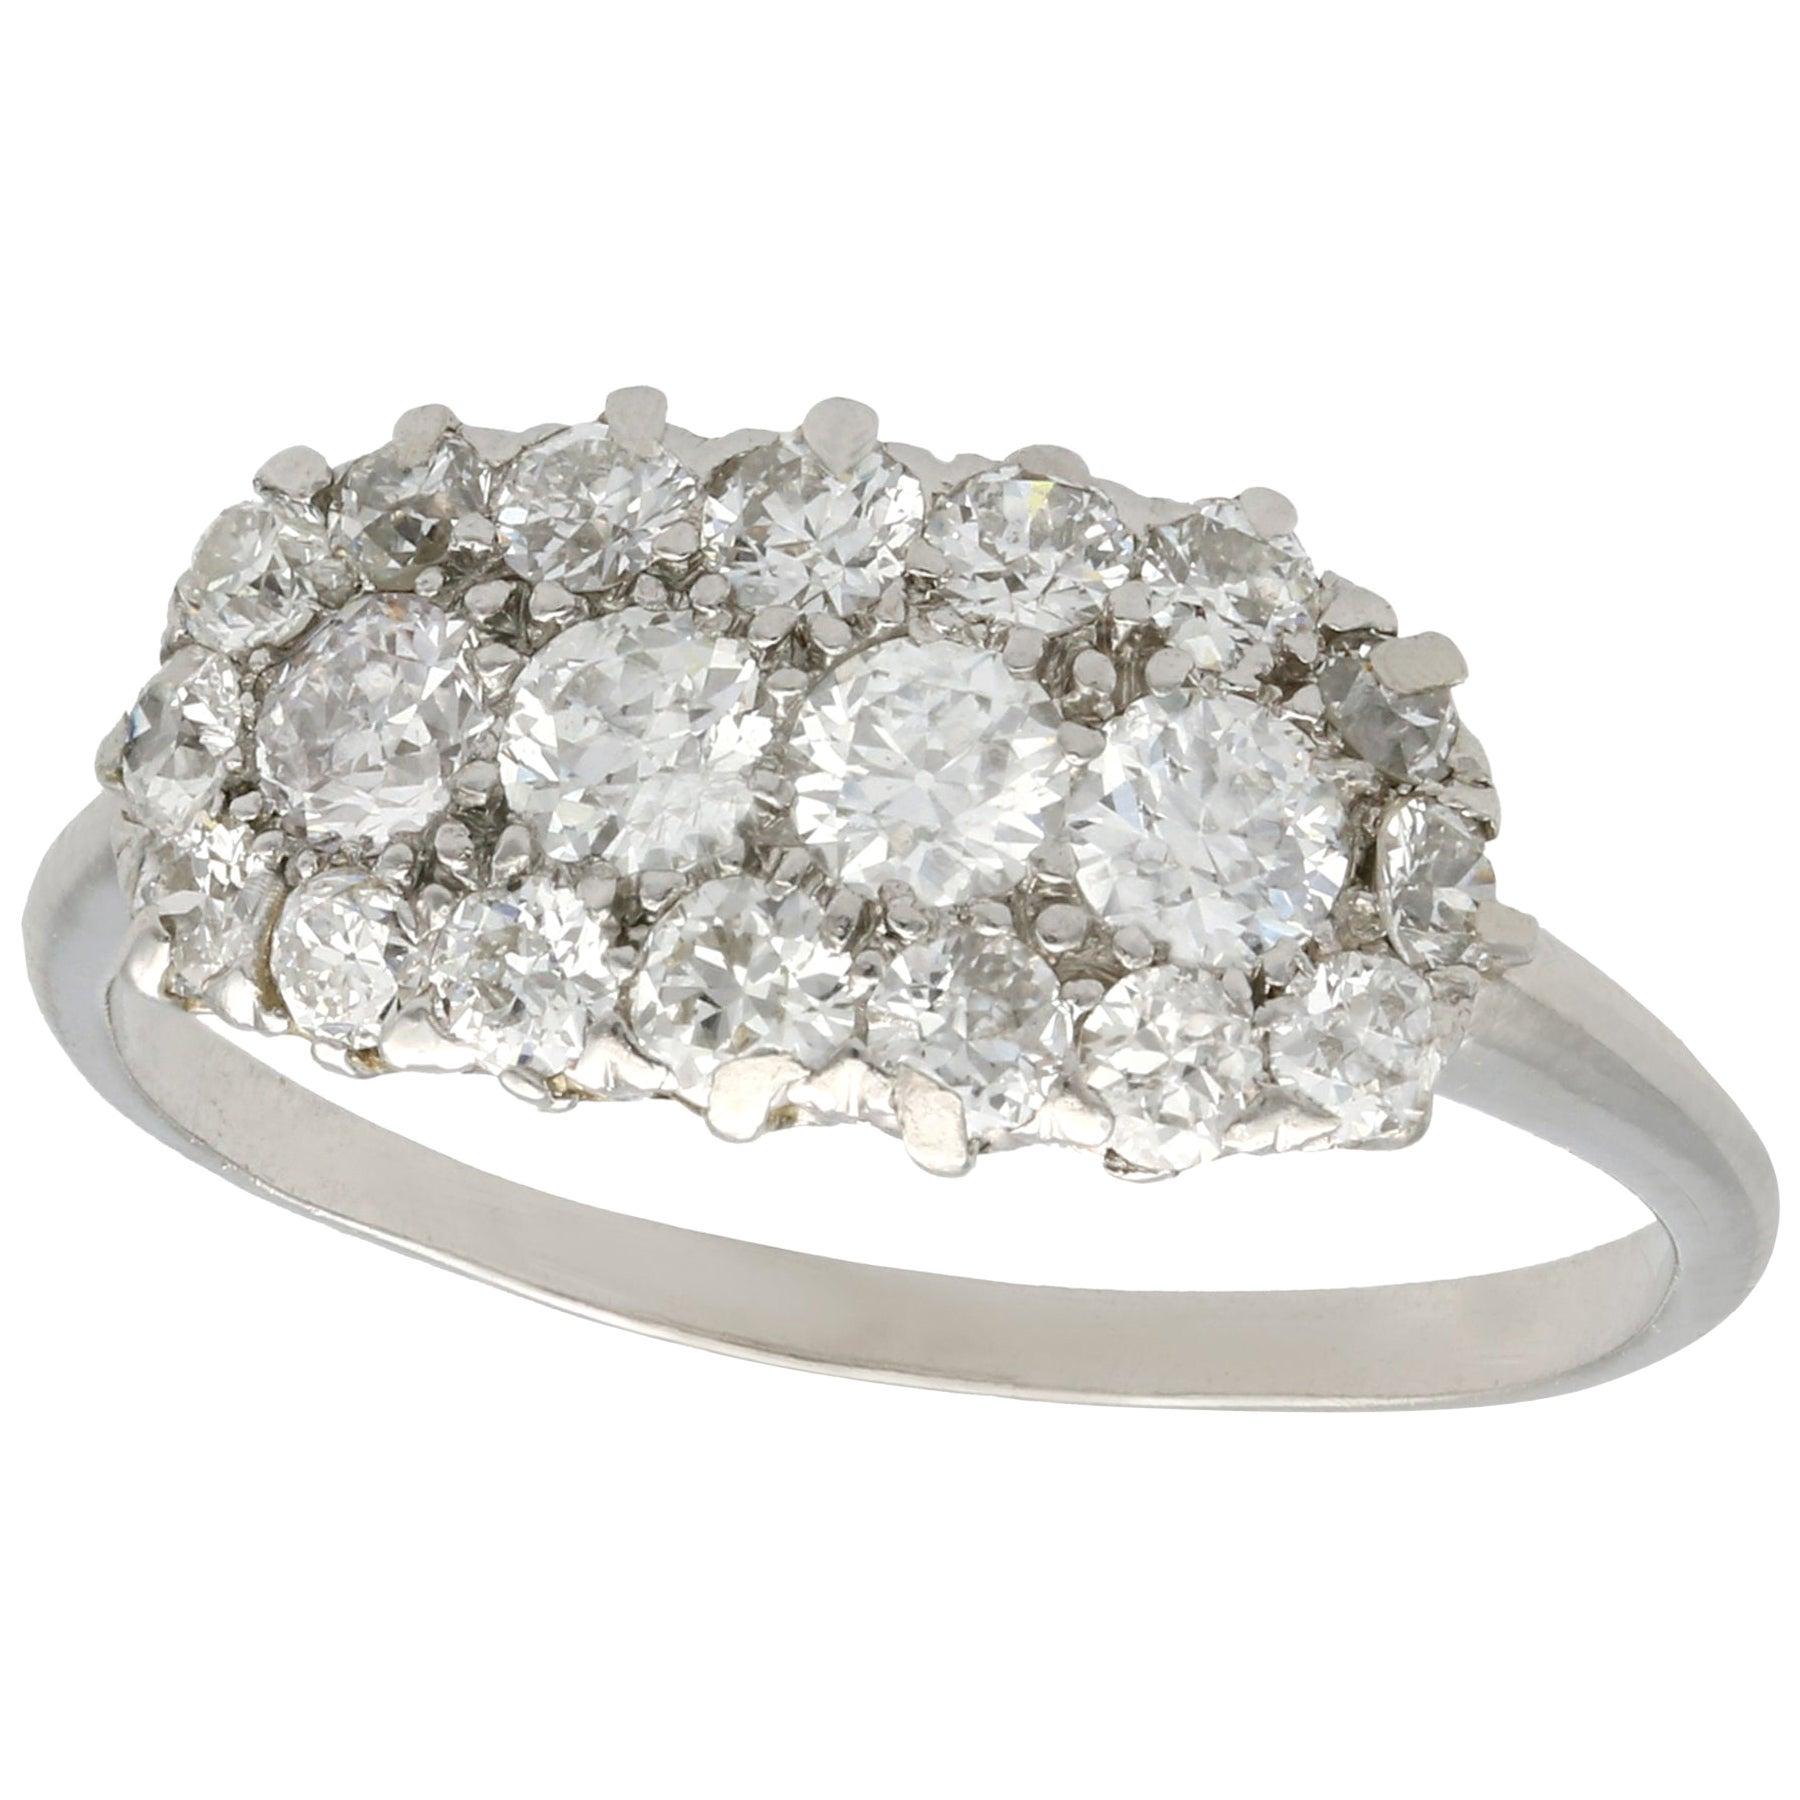 Antique 1920s Diamond and Platinum Cluster Ring